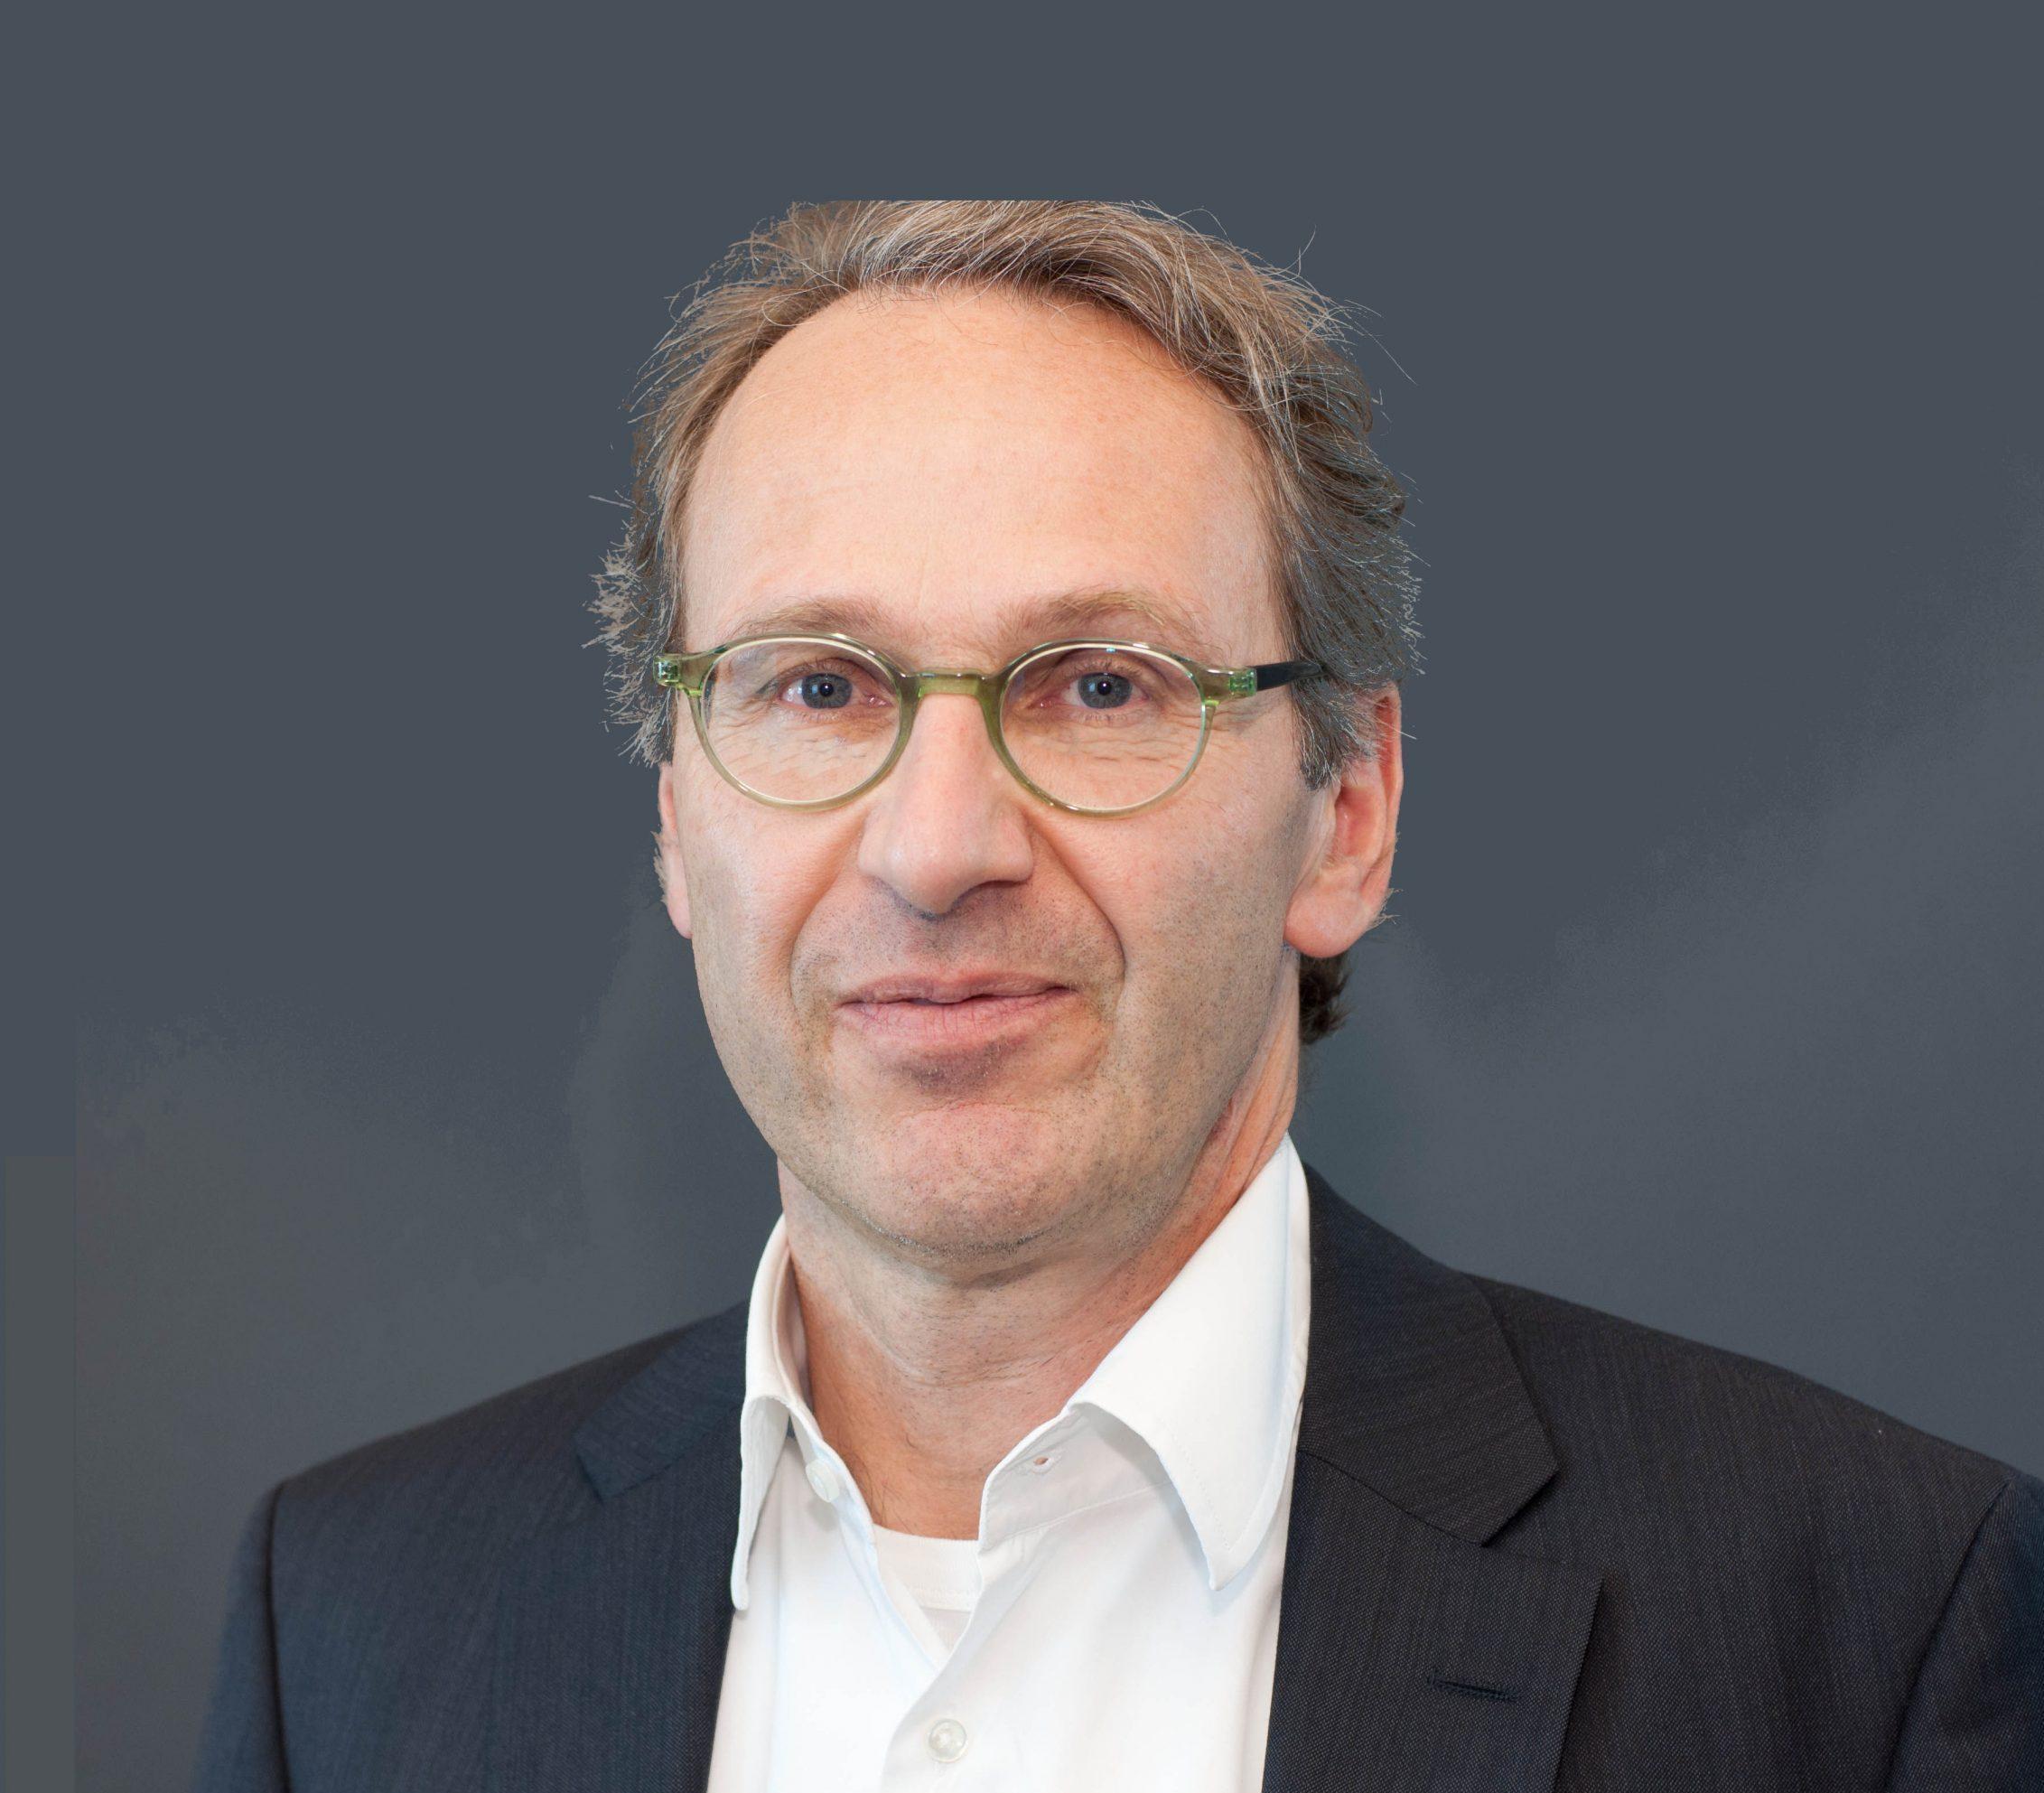 Mark Ludwig